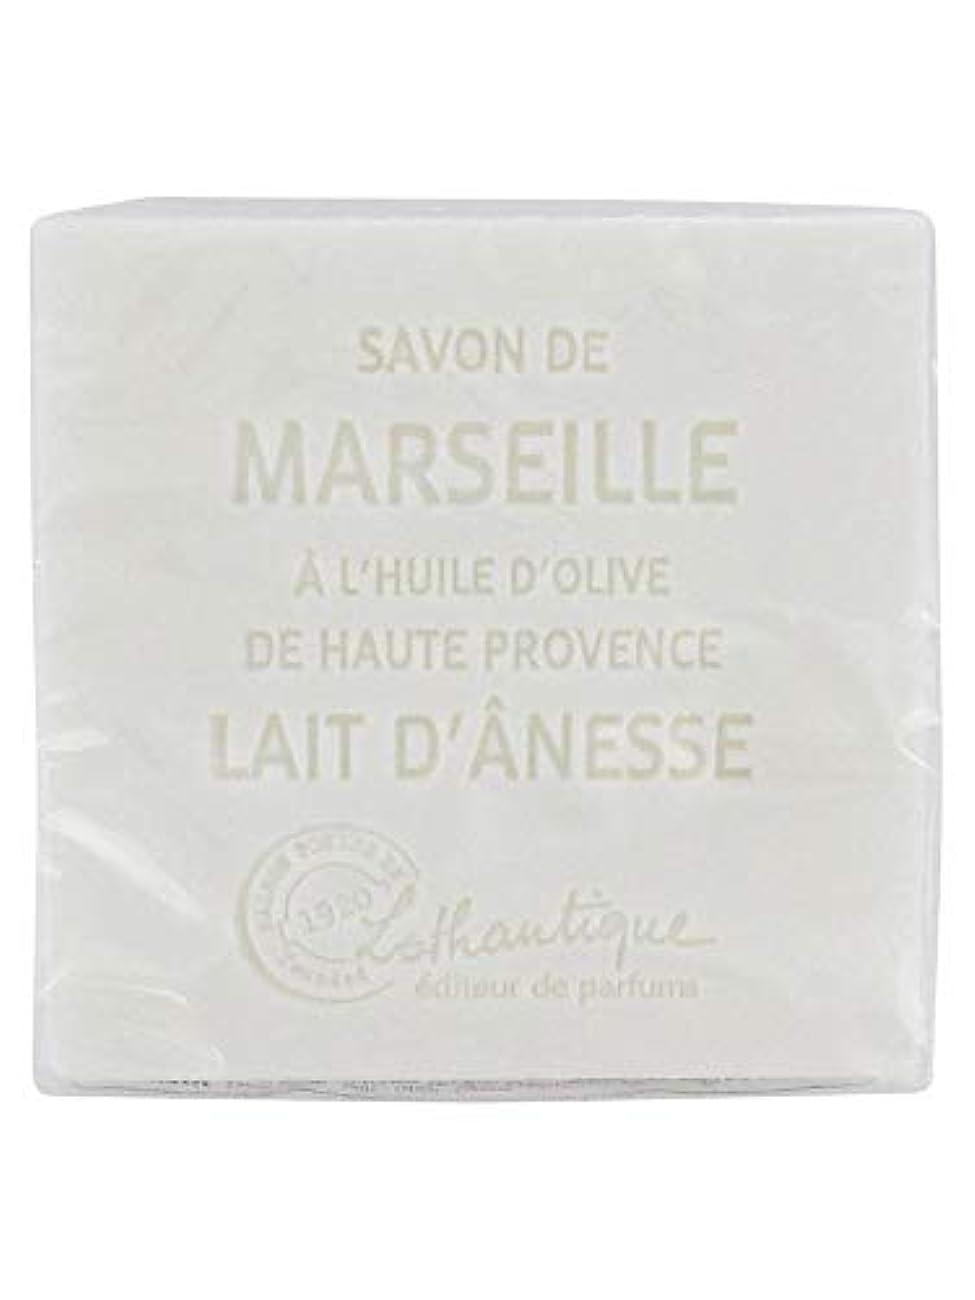 晴れ軍艦正直Lothantique(ロタンティック) Les savons de Marseille(マルセイユソープ) マルセイユソープ 100g 「ミルク(ロバミルク)」 3420070038043